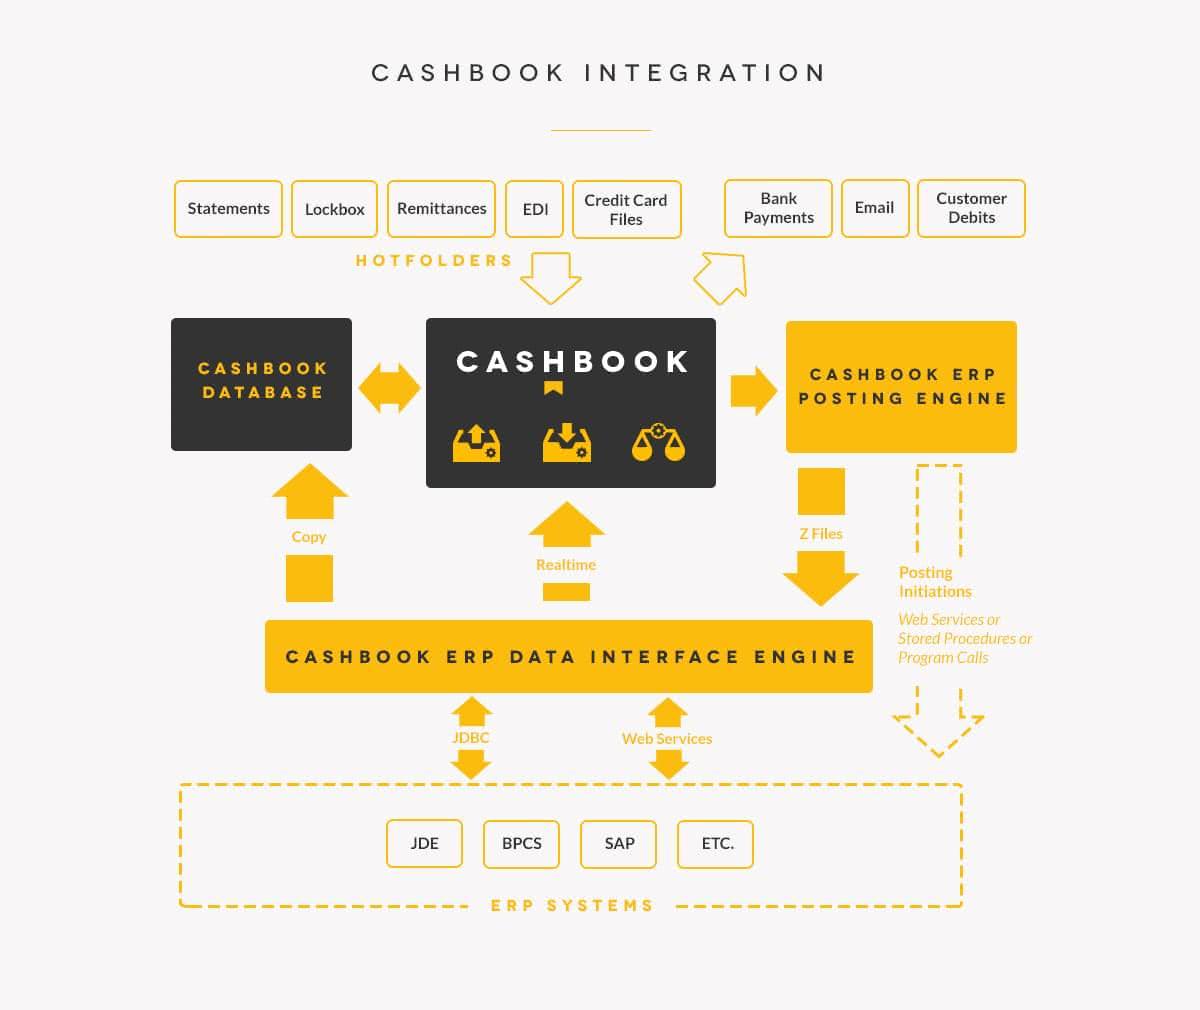 cashbook-integration